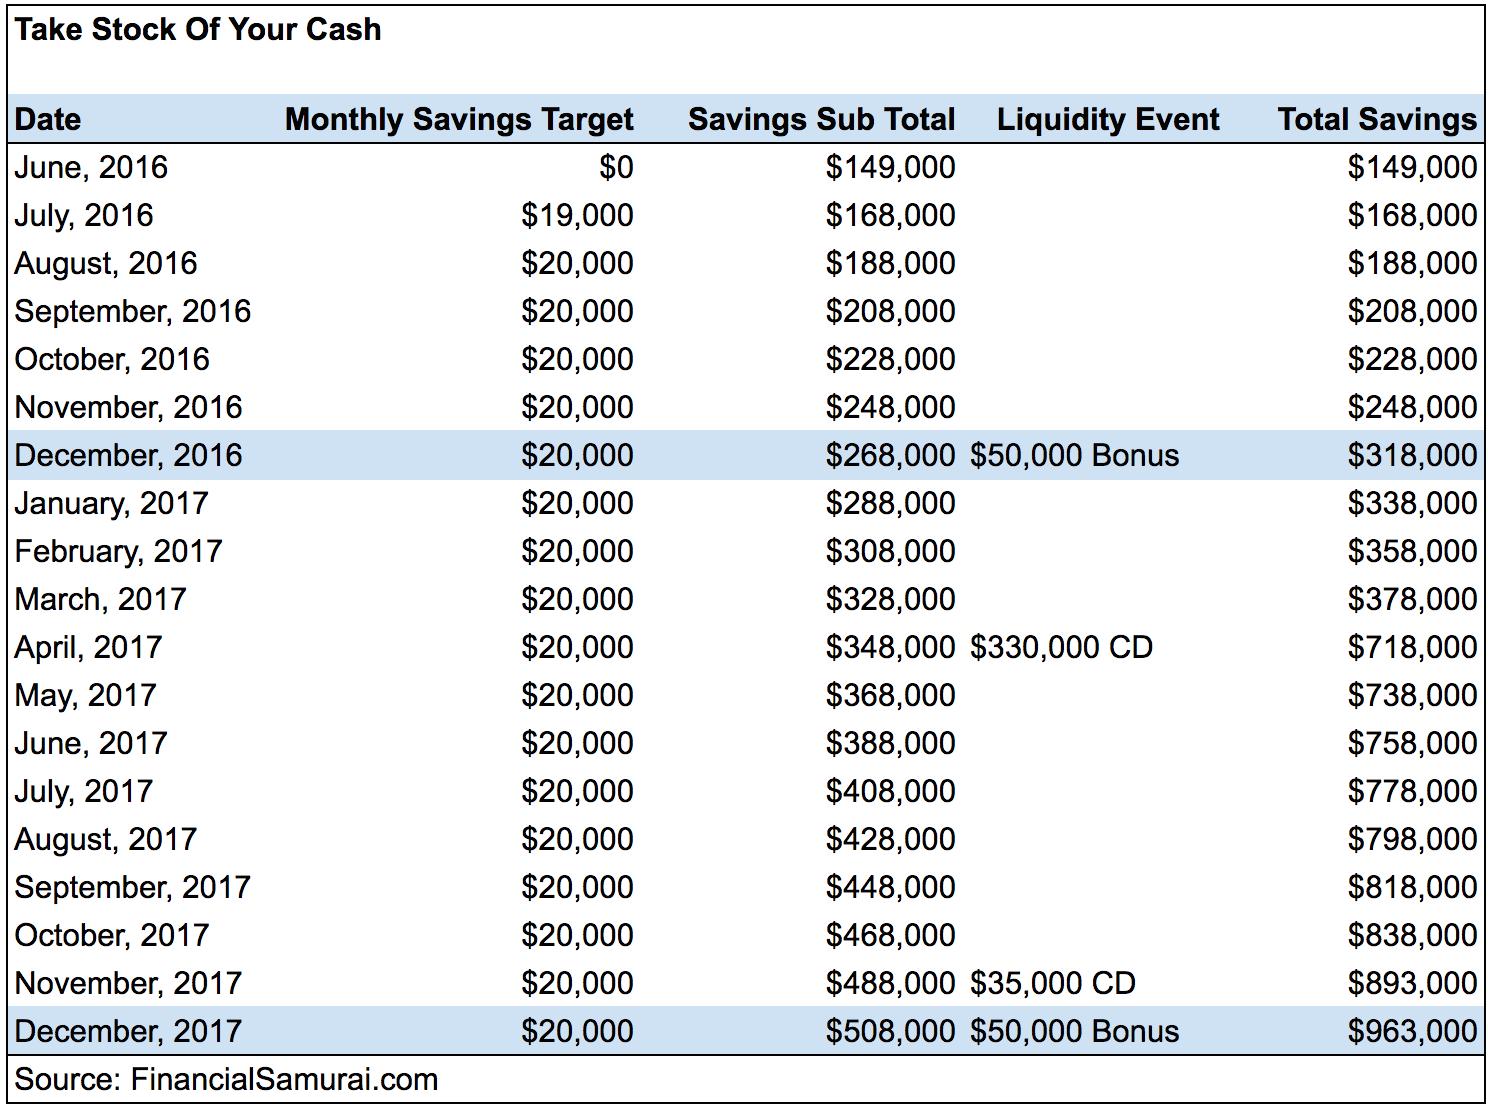 Tracking your cash Financial Samurai